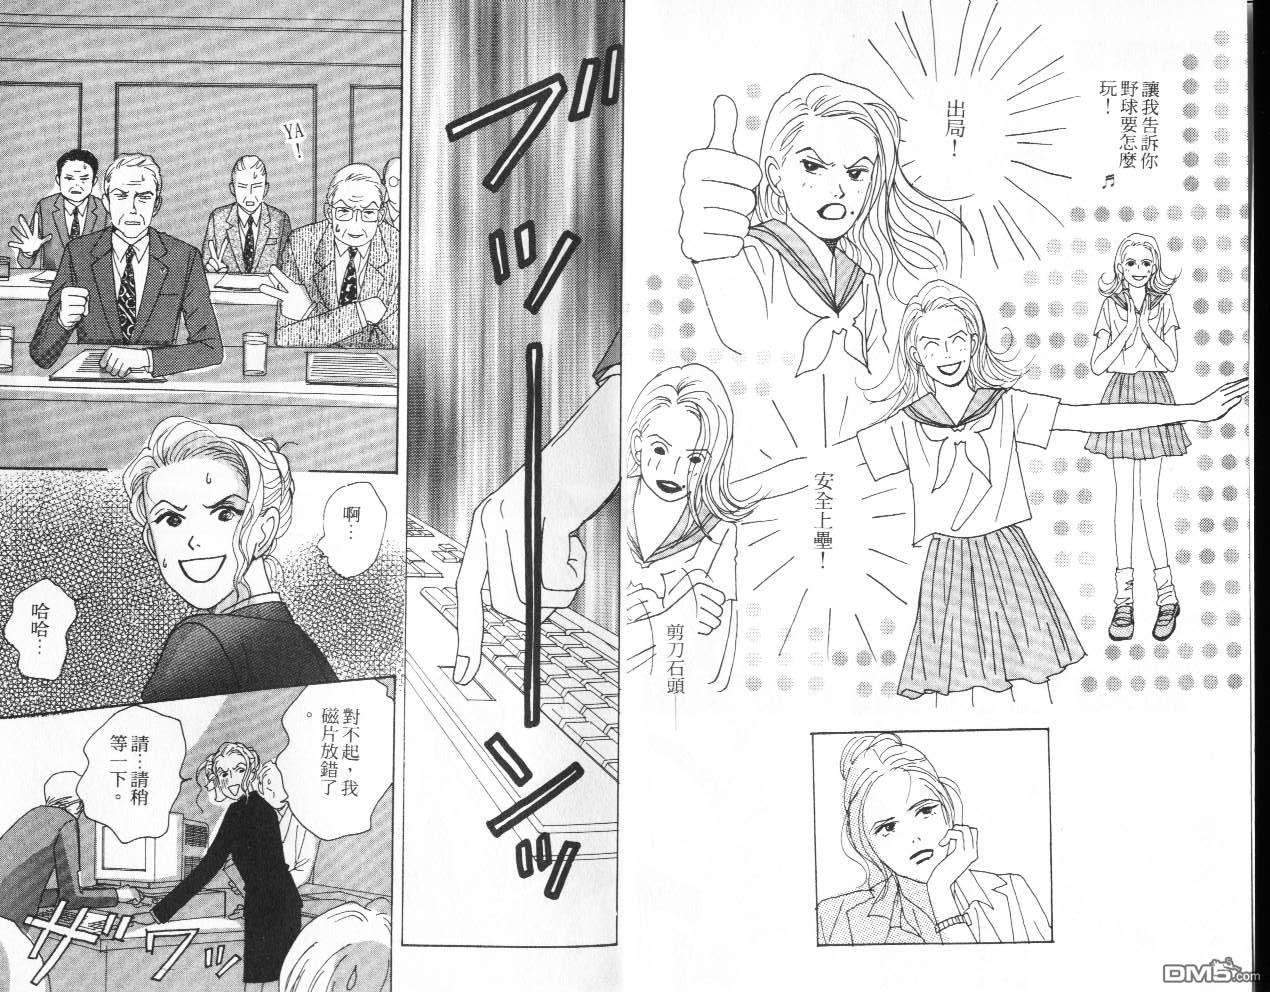 天才家庭漫畫第4卷(96P)(第1頁)劇情-二次元動漫